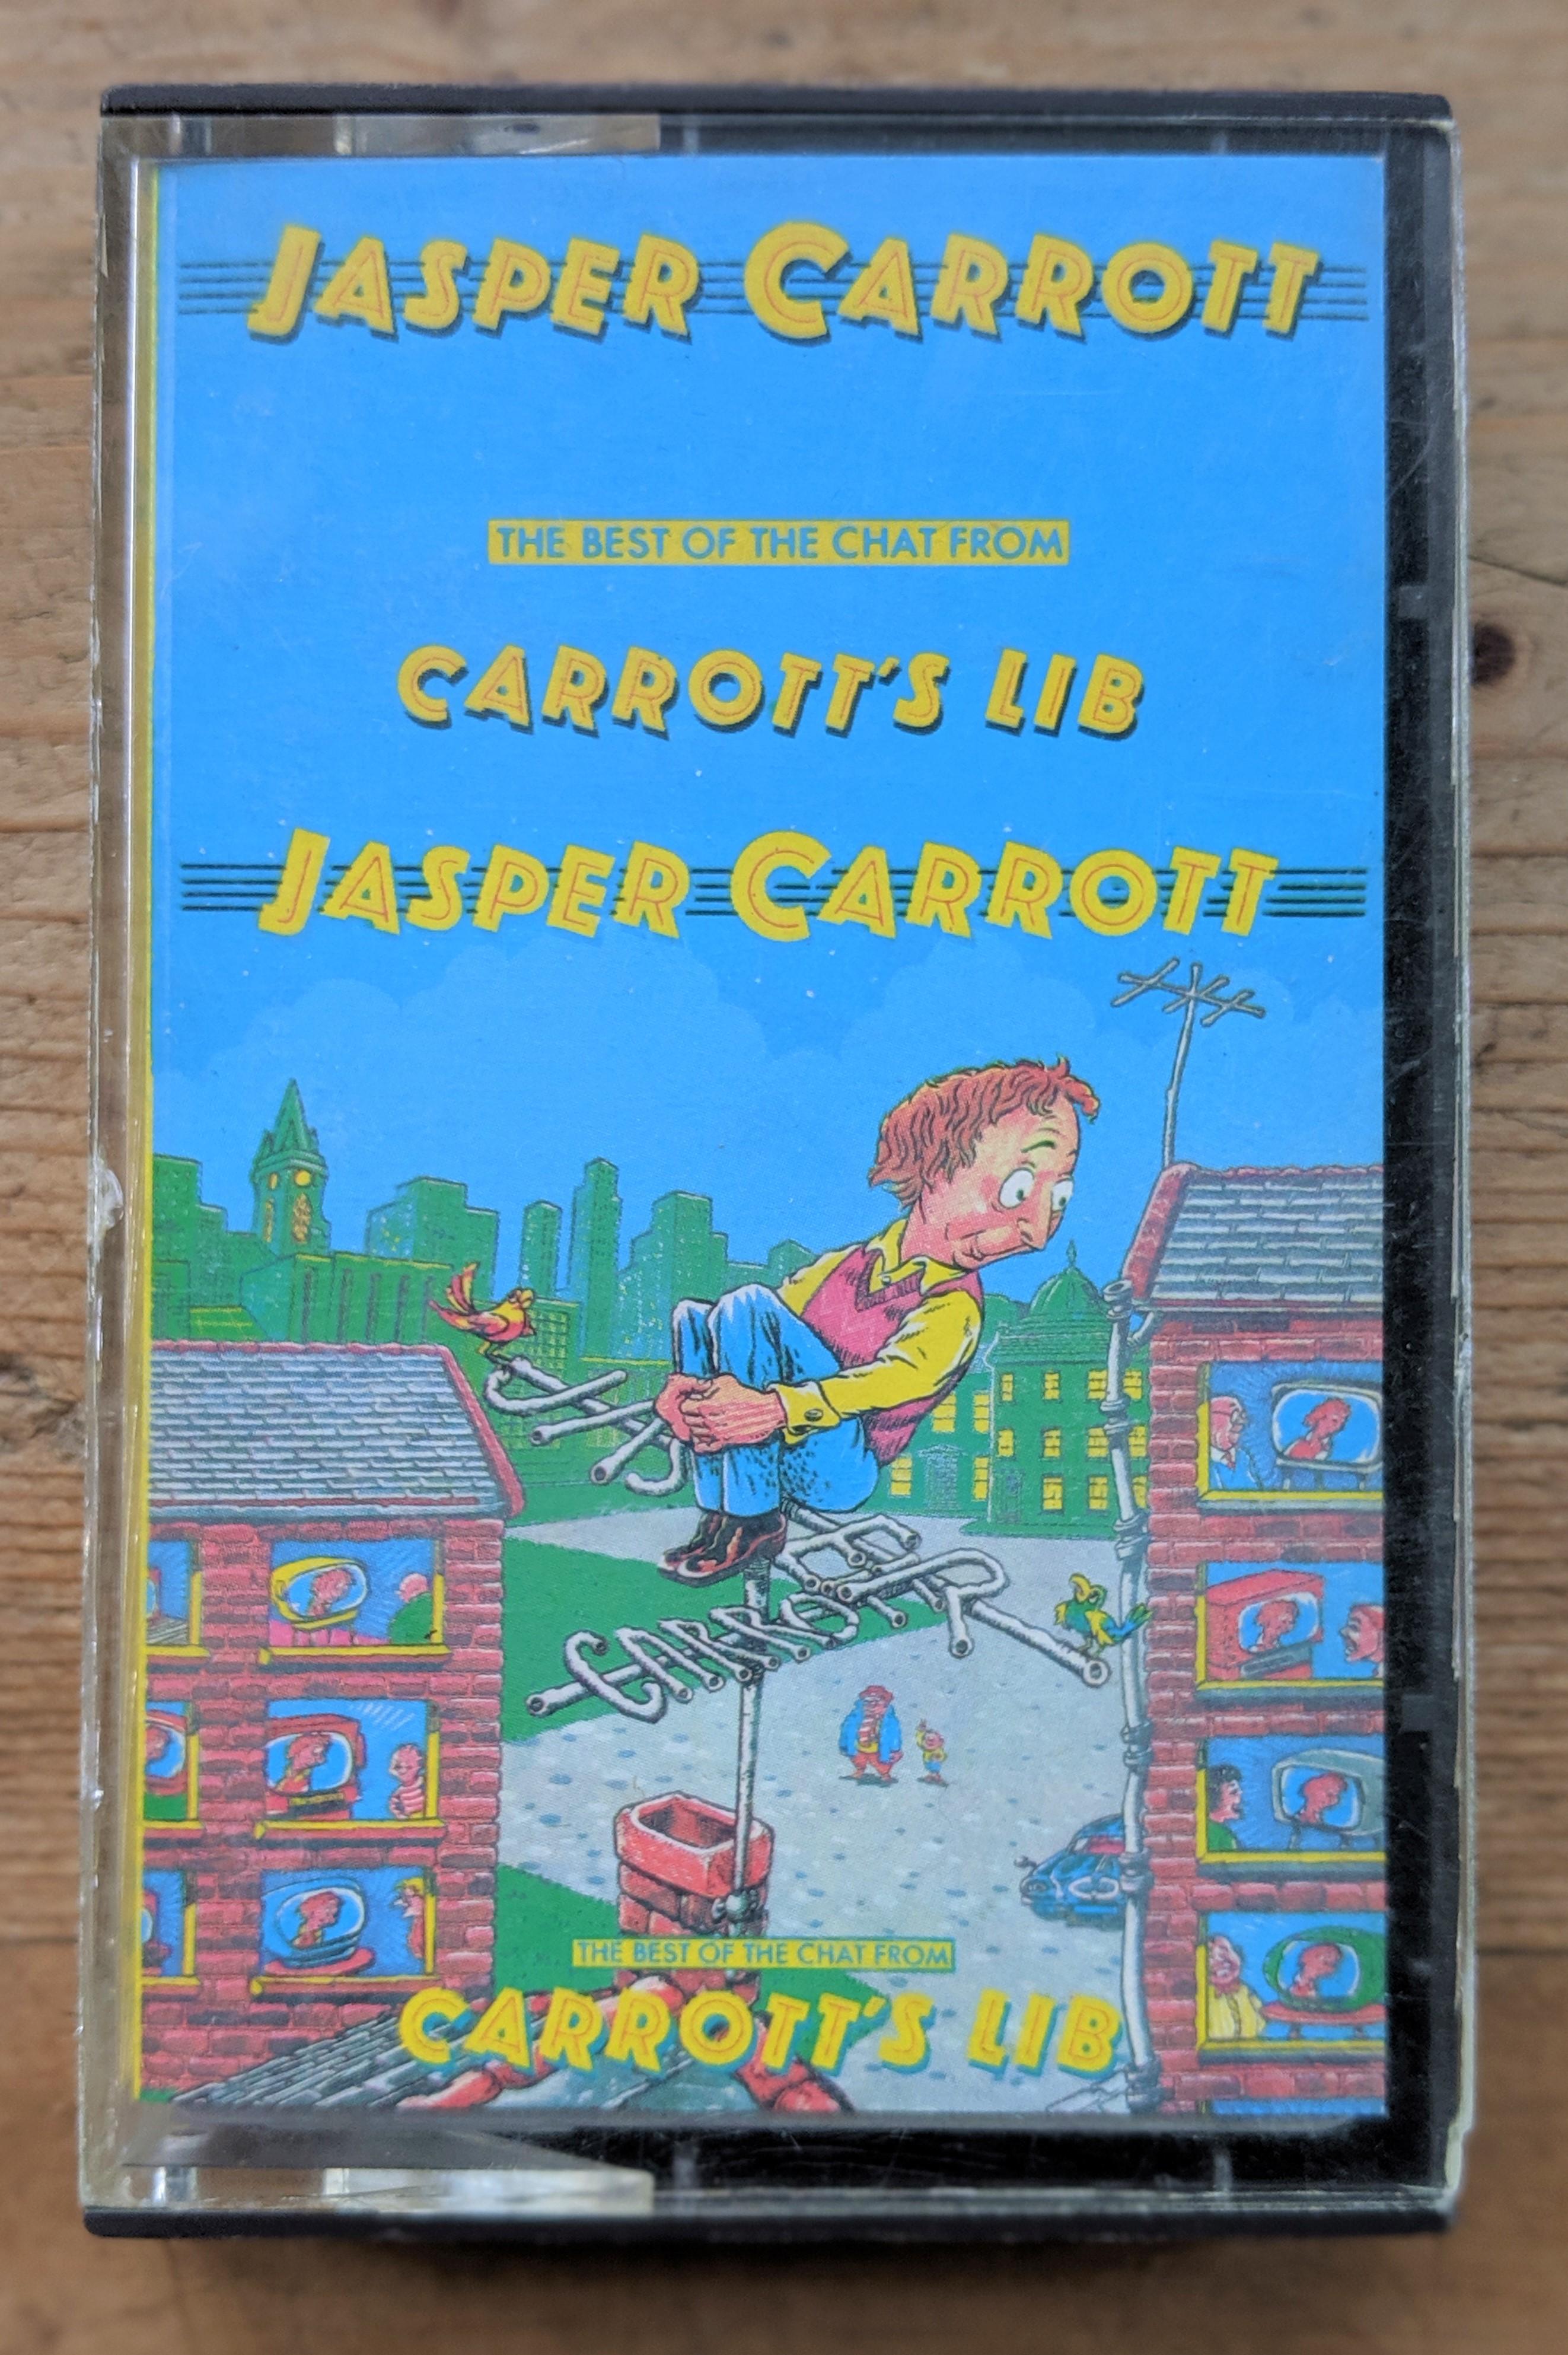 Carrott's Lib Cassette